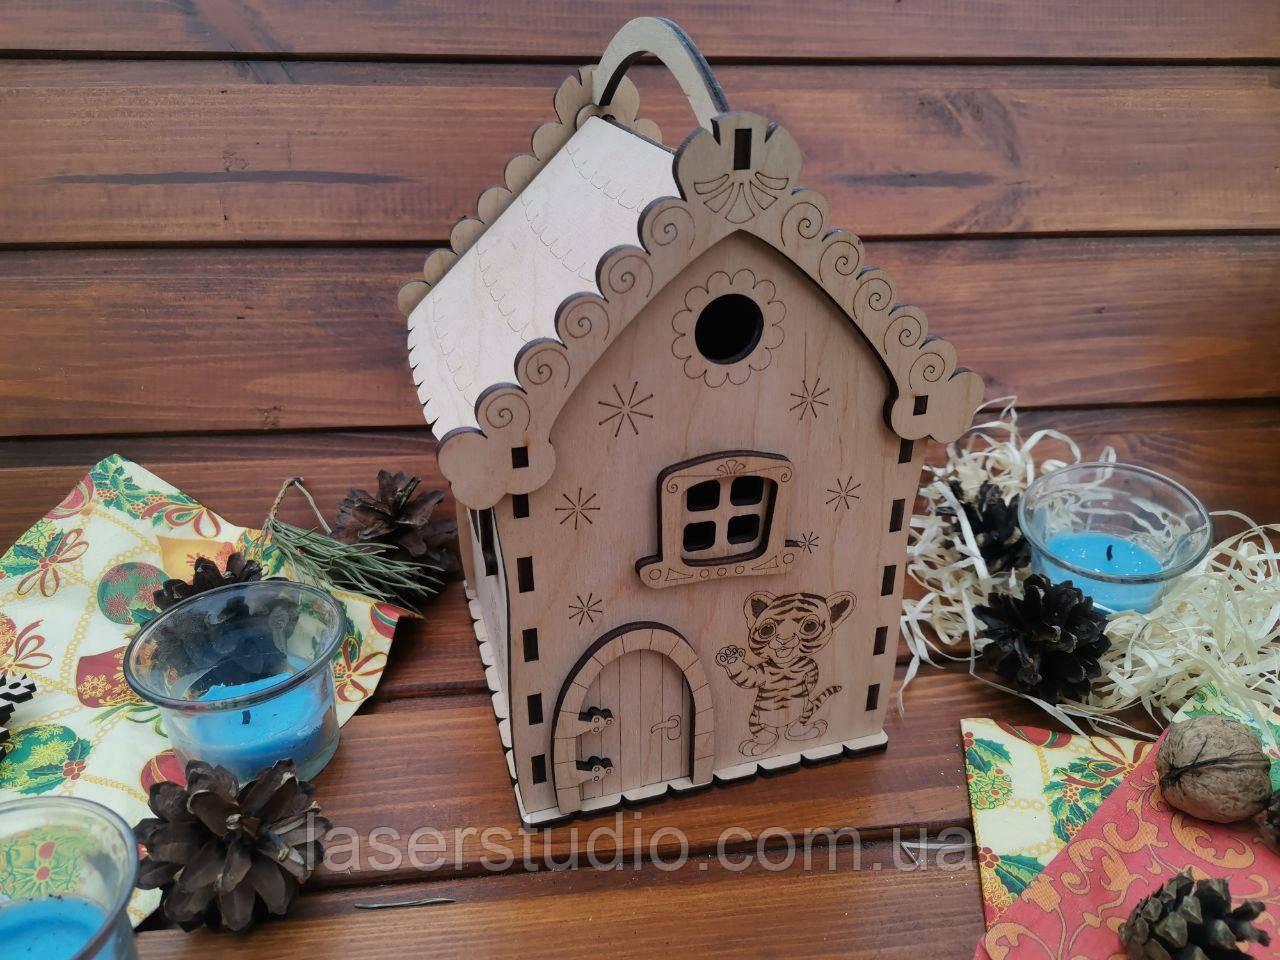 Новогодний домик для конфет с символом года из дерева.